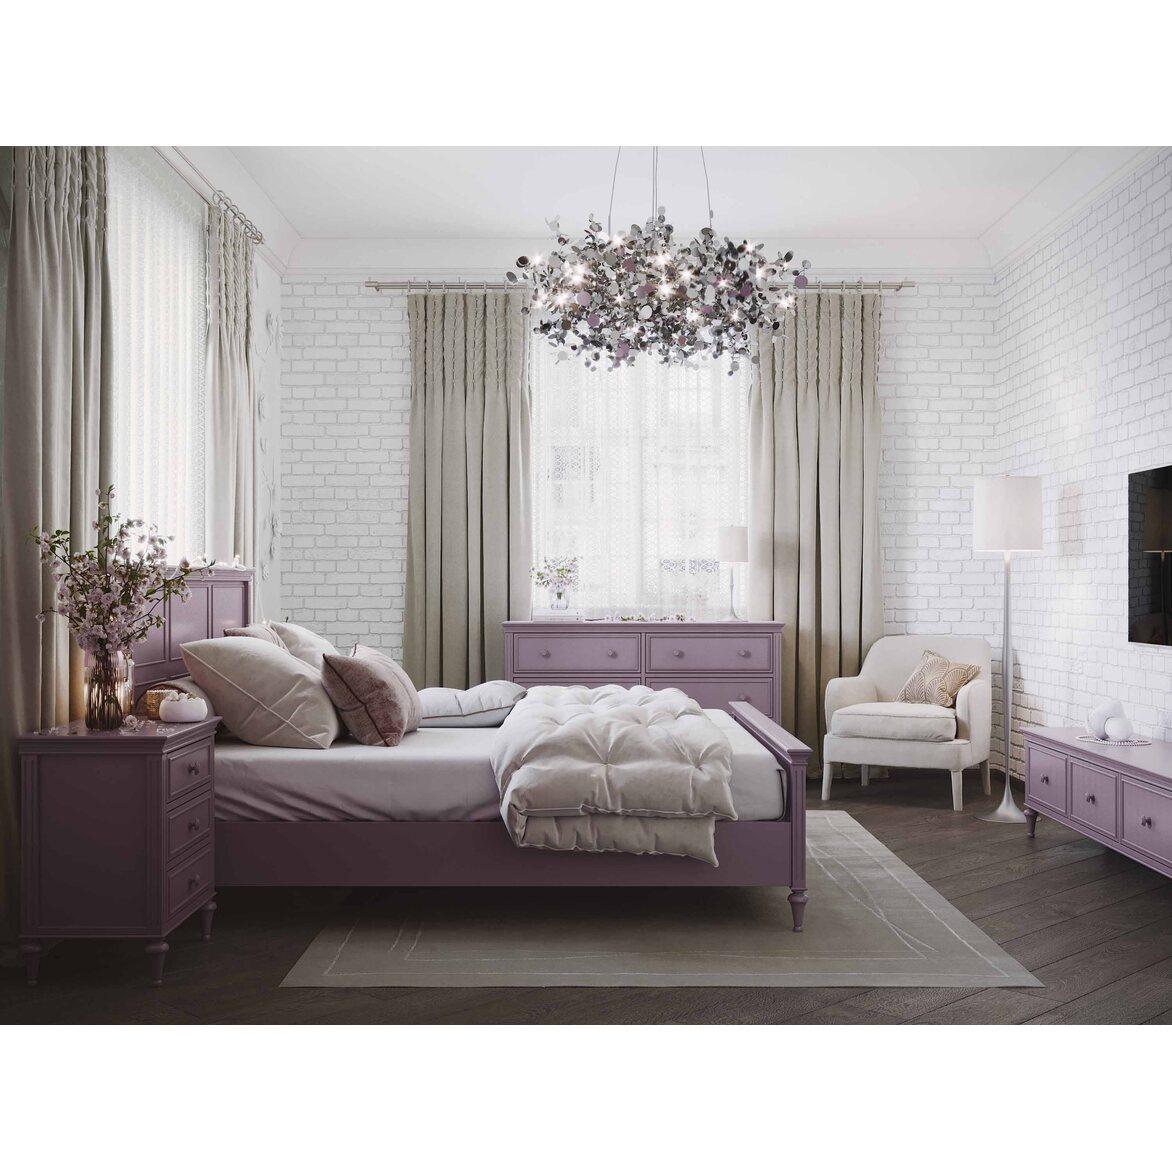 Кровать 180*200 Riverdi, орхидея, с изножьем 6 | Двуспальные кровати Kingsby